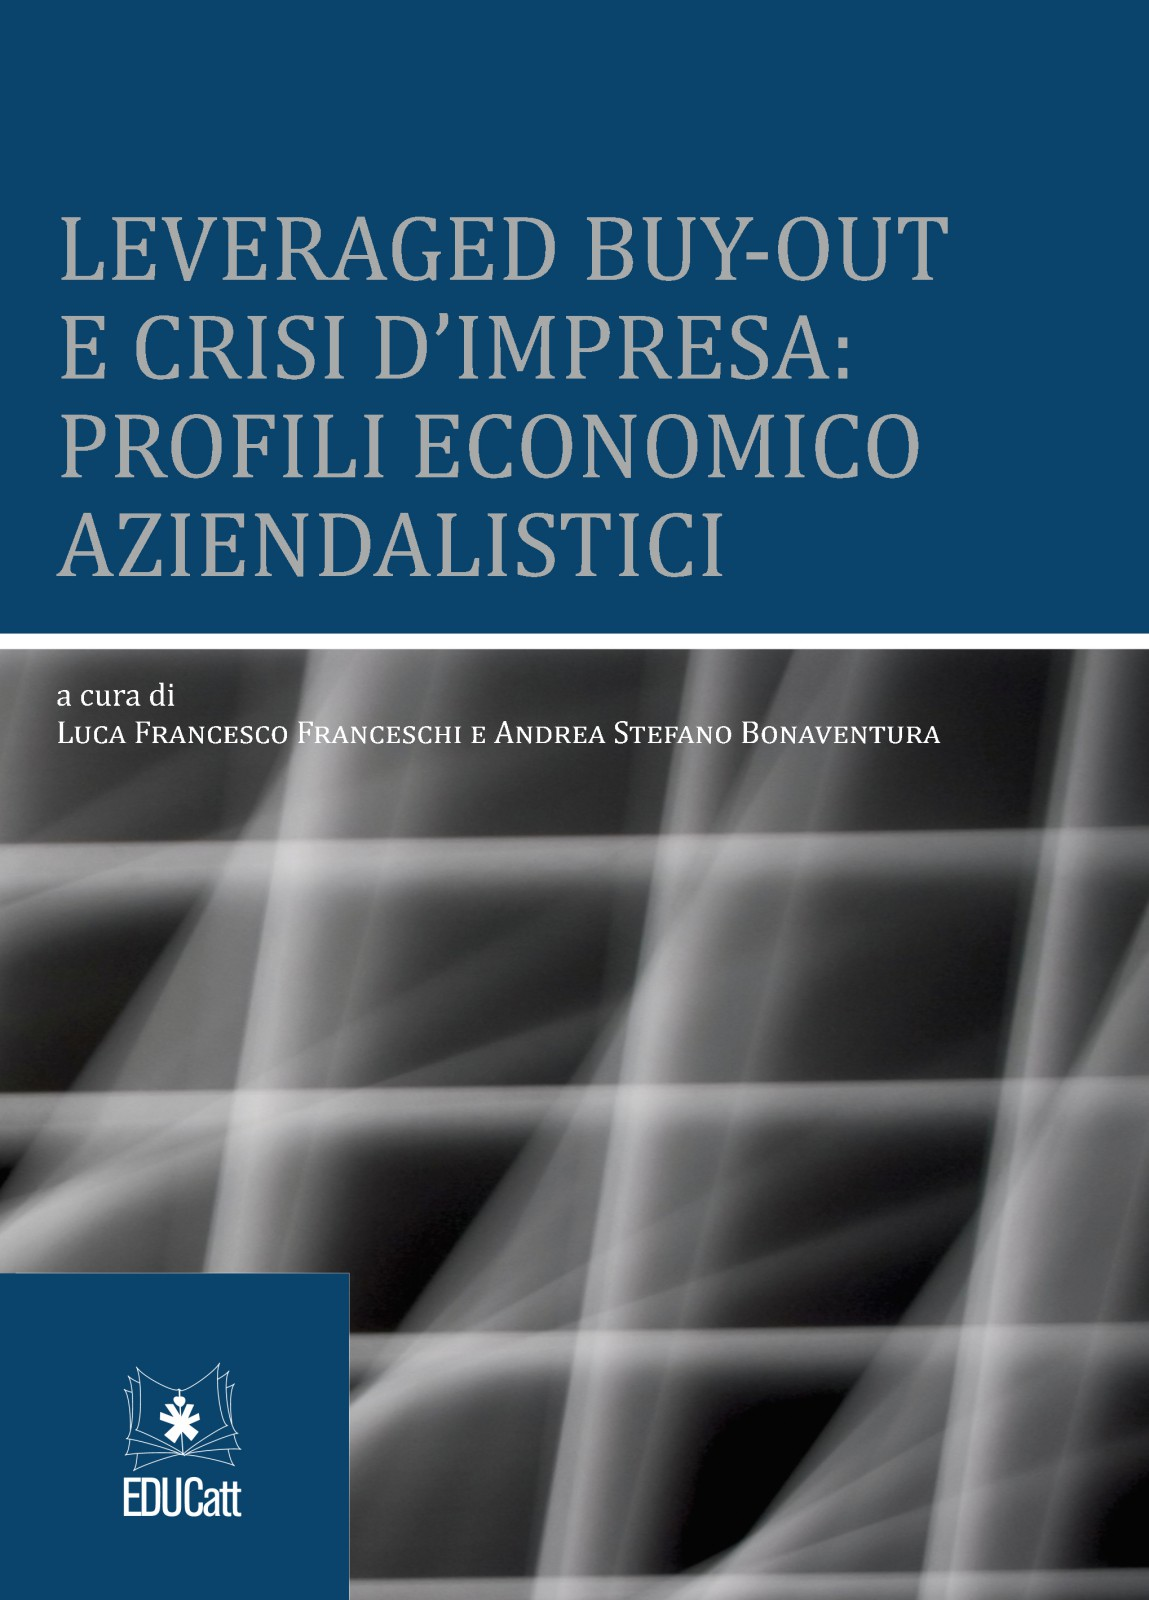 LEVERAGED BUY-OUT E CRISI D'IMPRESA: PROFILI ECONOMICO AZIENDALISTICI